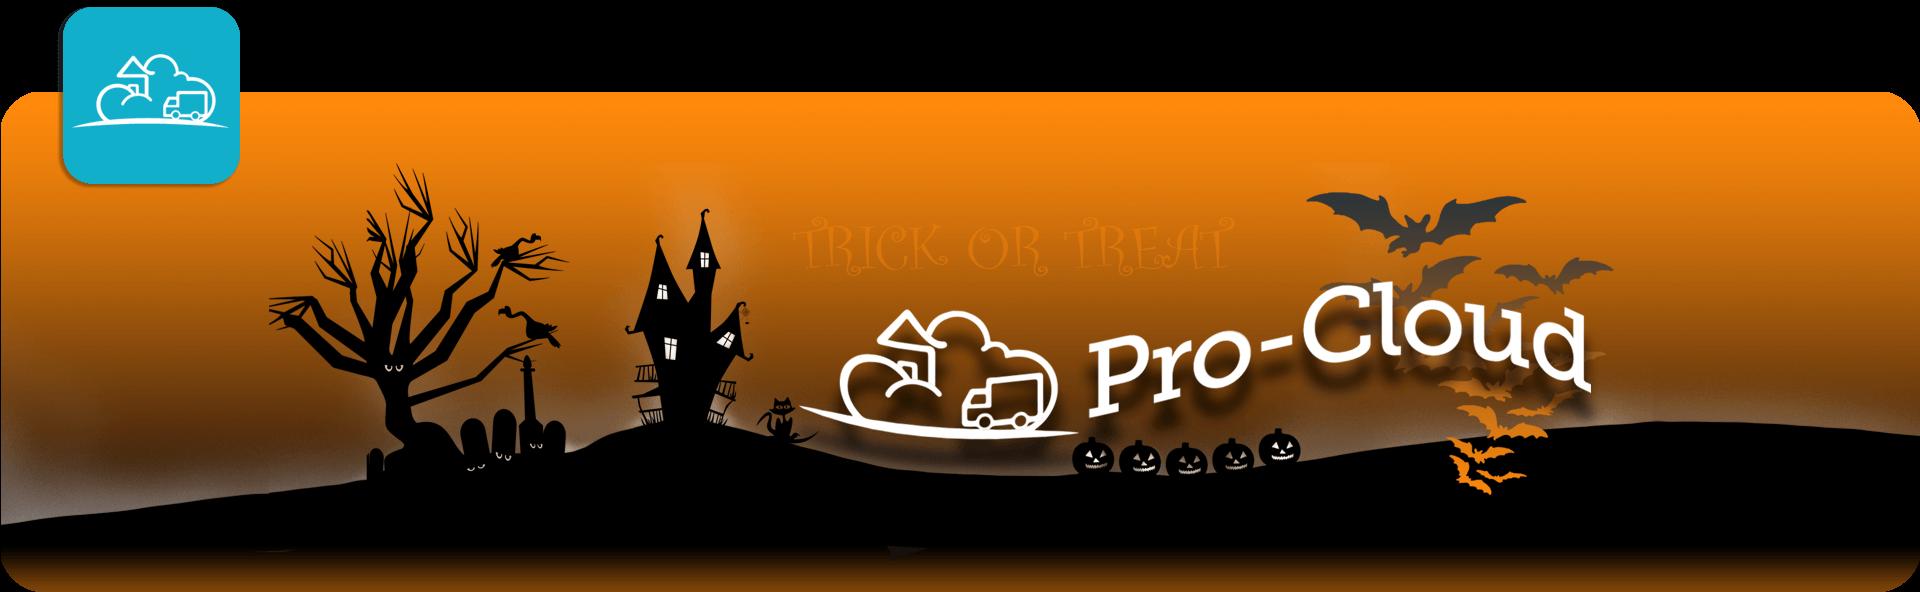 pro-cloud halloween banner